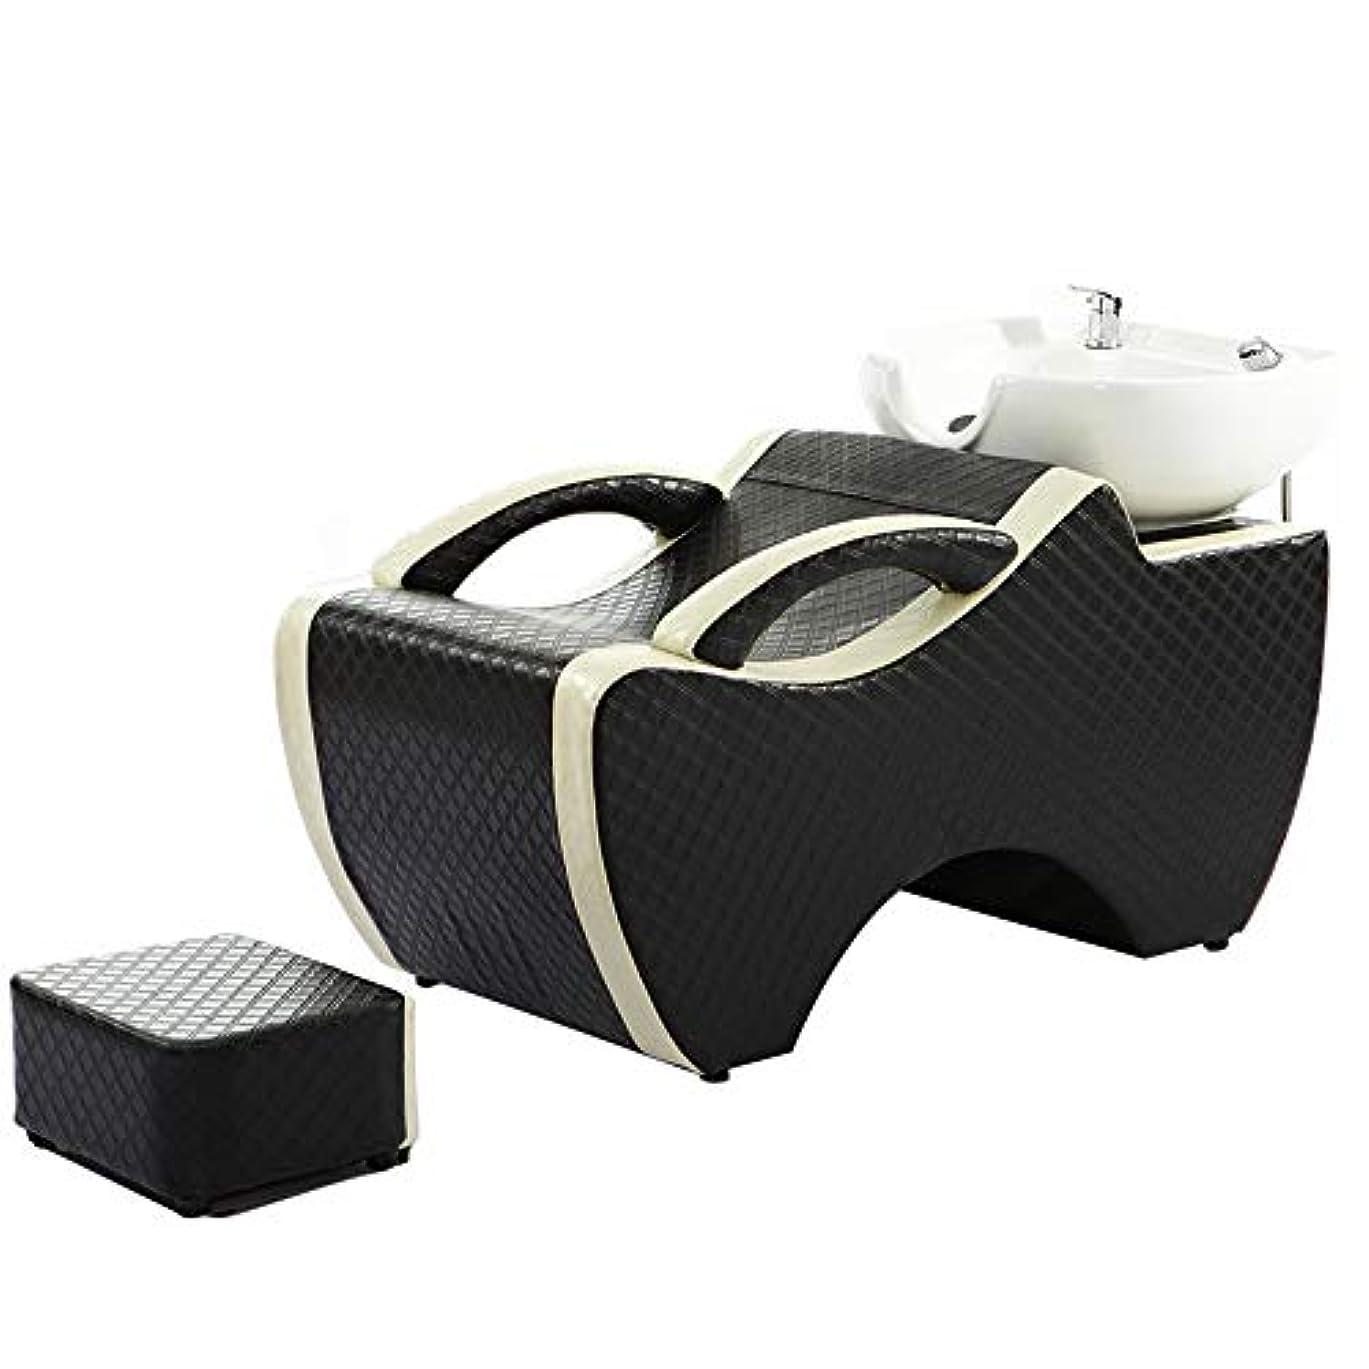 シンポジウムカリング無実シャンプー椅子、逆洗ユニットシャンプーボウル理髪シンク椅子用スパ美容院ベッドセラミック洗面台